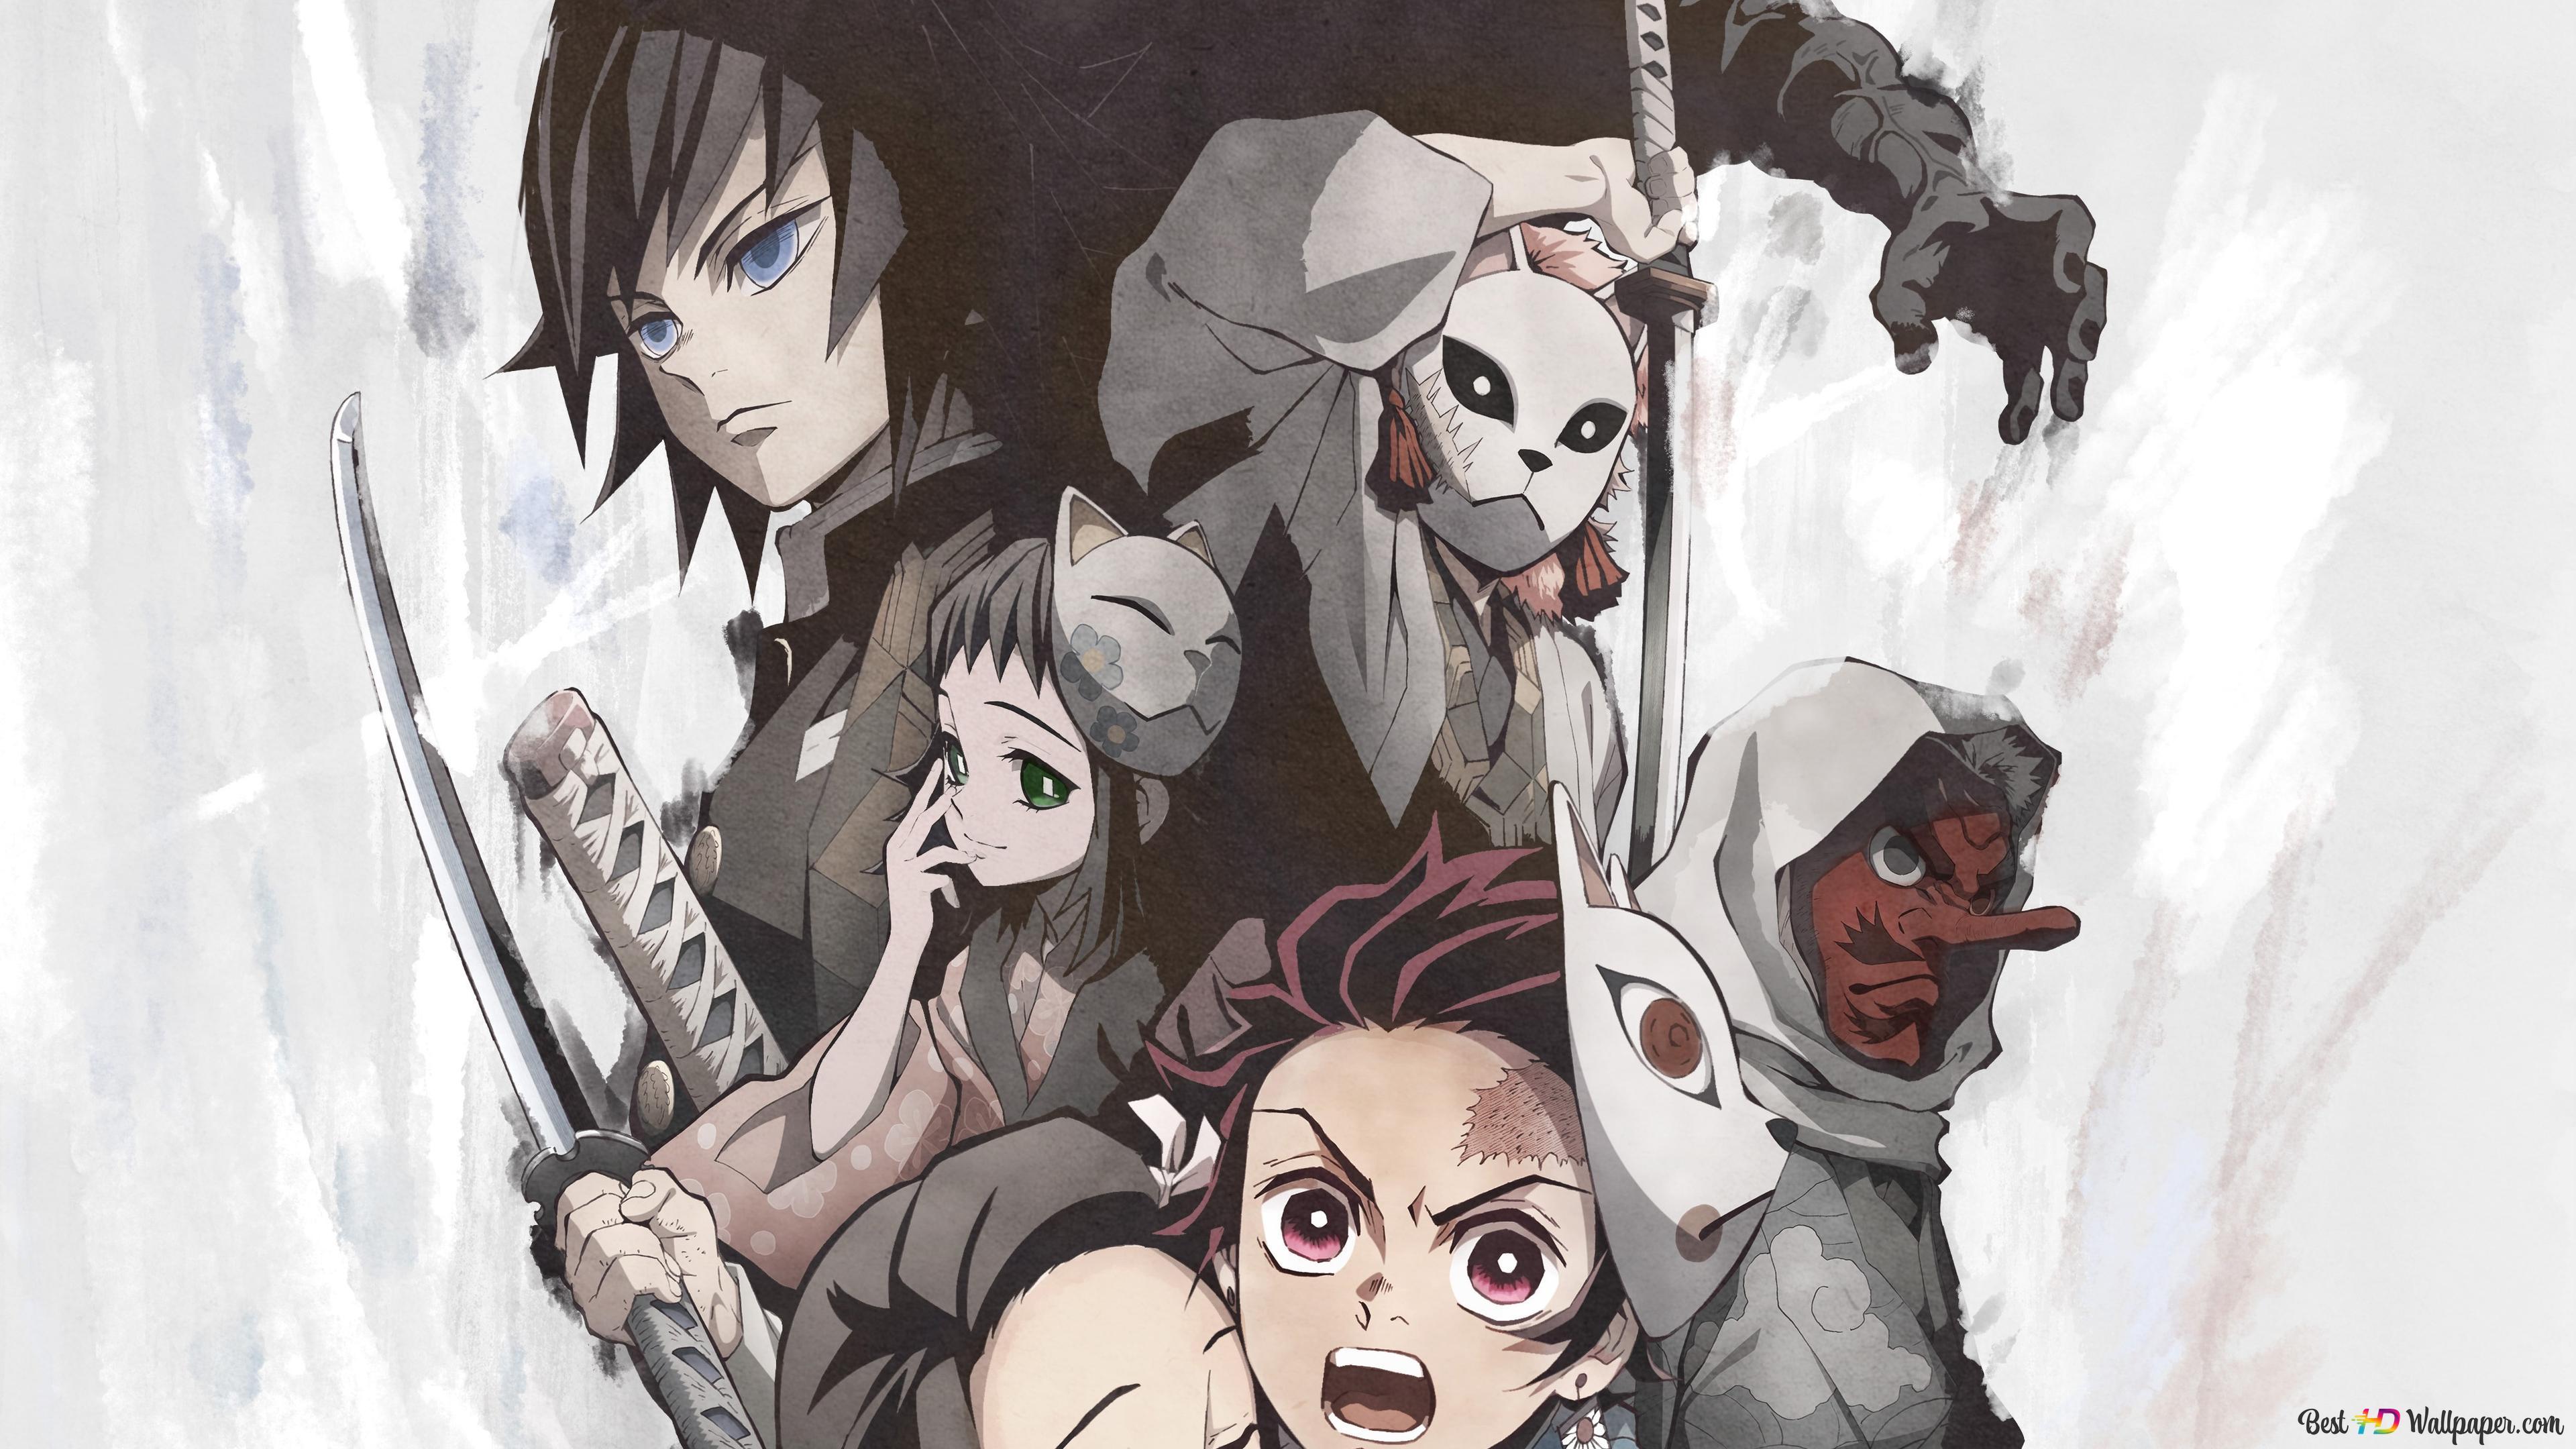 デーモンスレイヤーのアニメ Hd壁紙のダウンロード